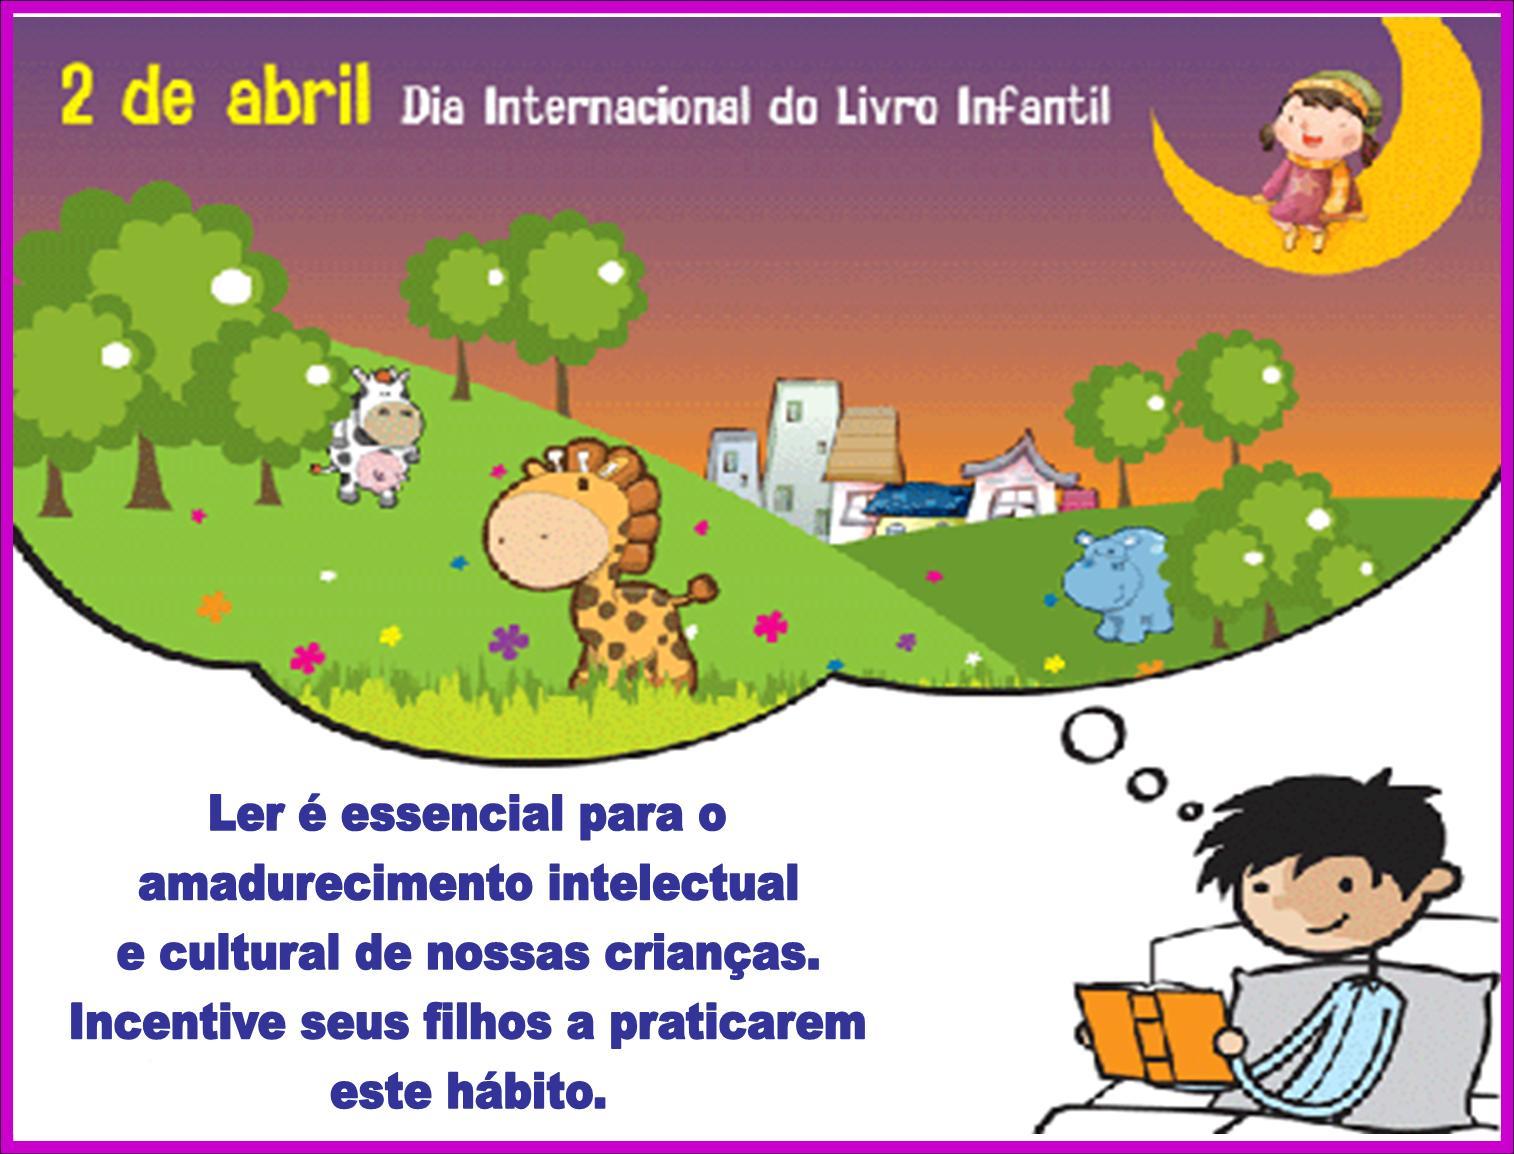 Incentivar A Leitura Entre As Crianças No Dia Internacional Do